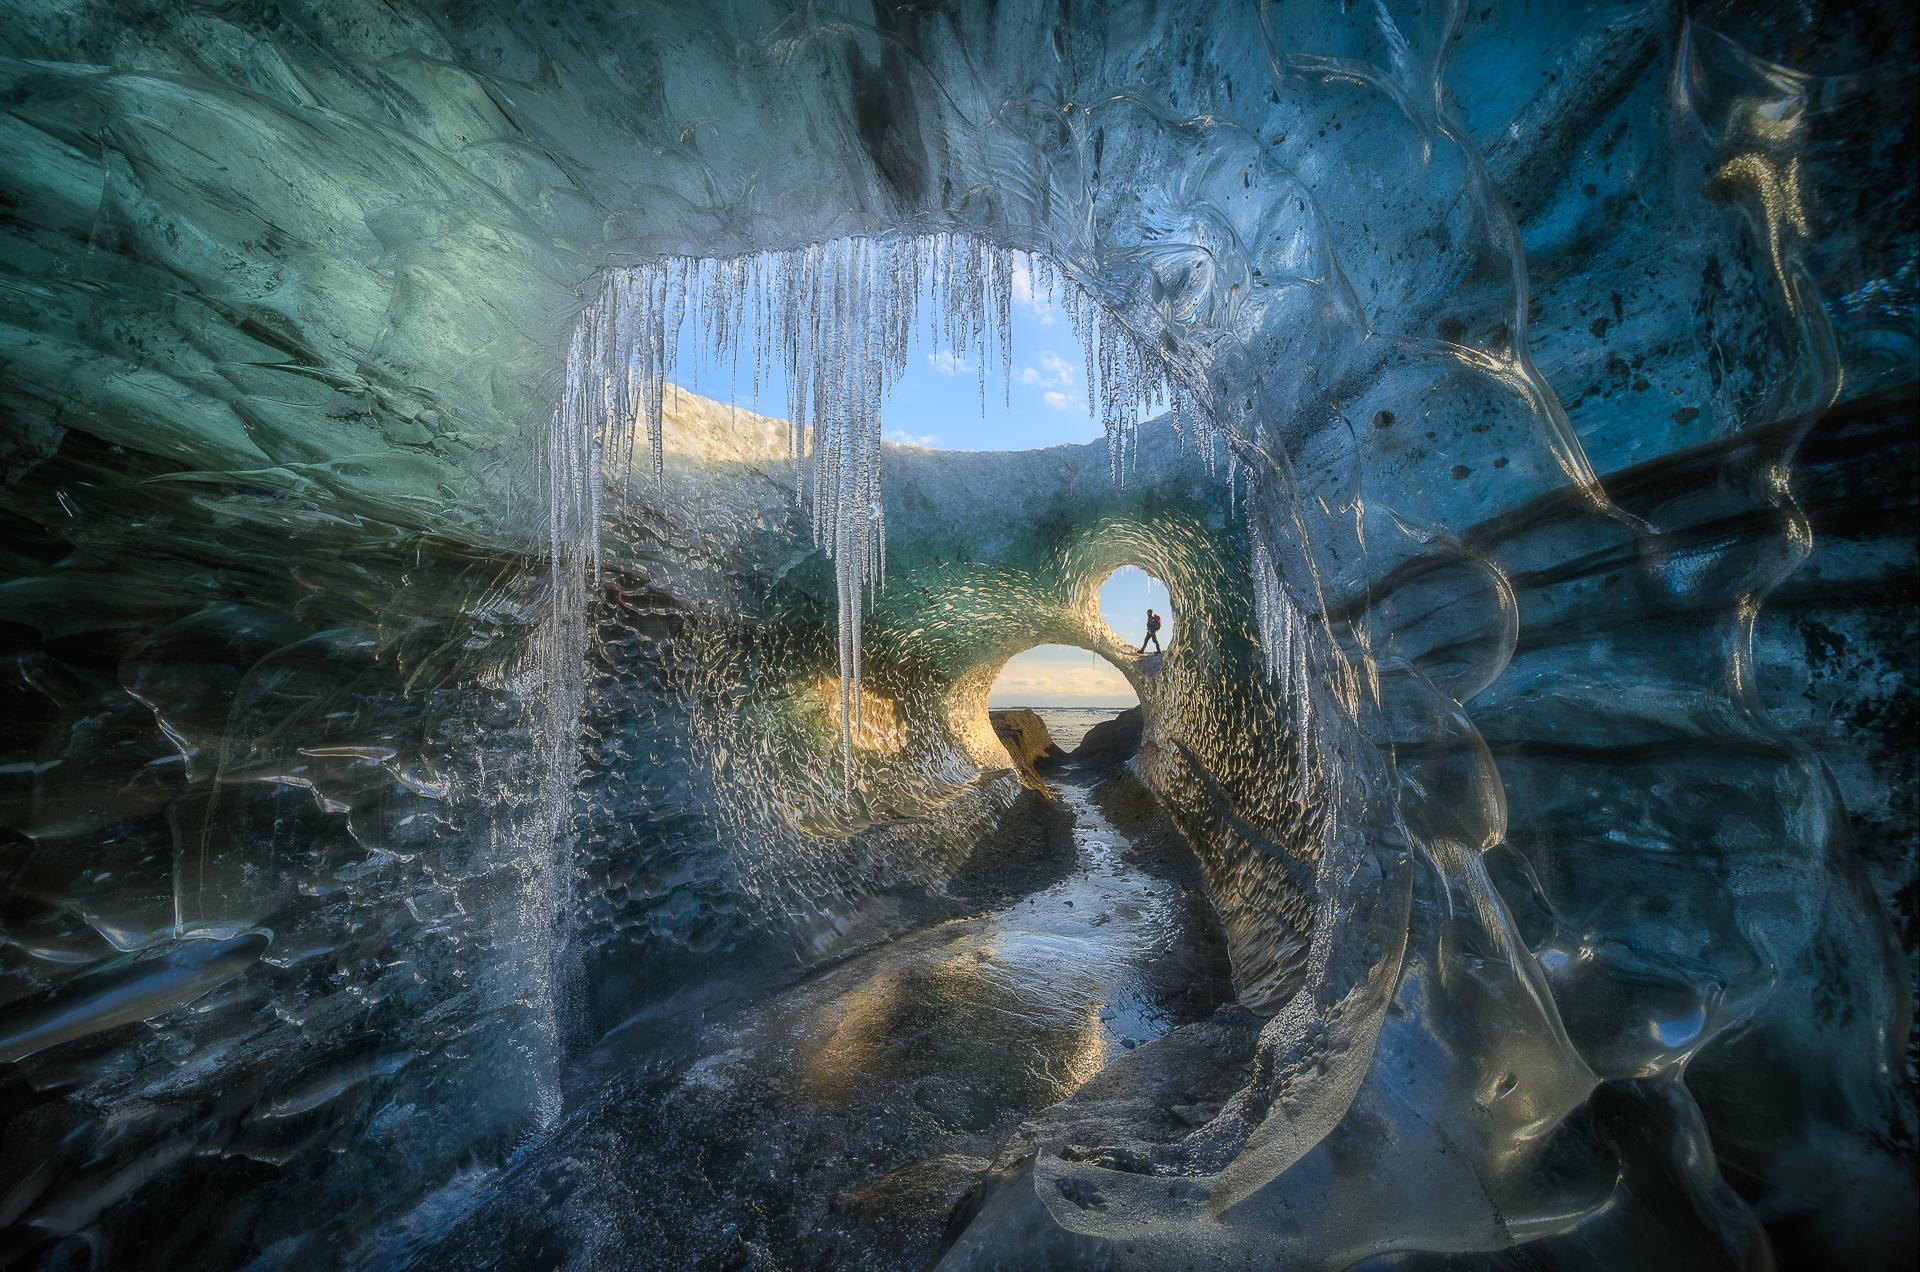 Einen Besuch in einer faszinierenden blauen Eishöhle wirst du dein Leben lang nicht vergessen.